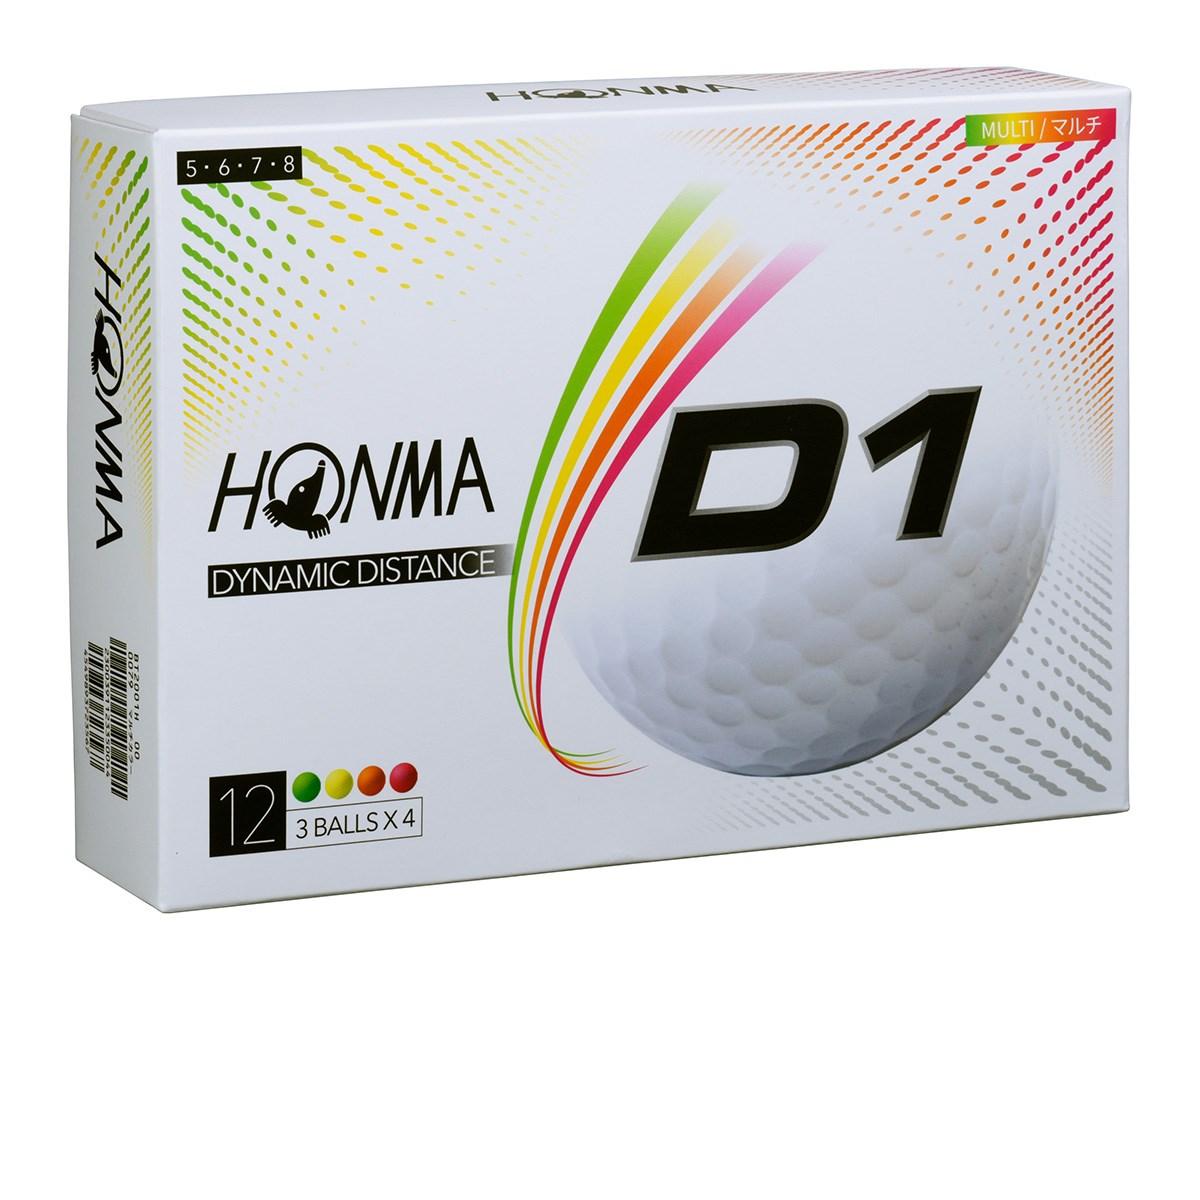 本間ゴルフ HONMA D1 ボール 2020年モデル 1ダース(12個入り) マルチ(ハイナンバー)